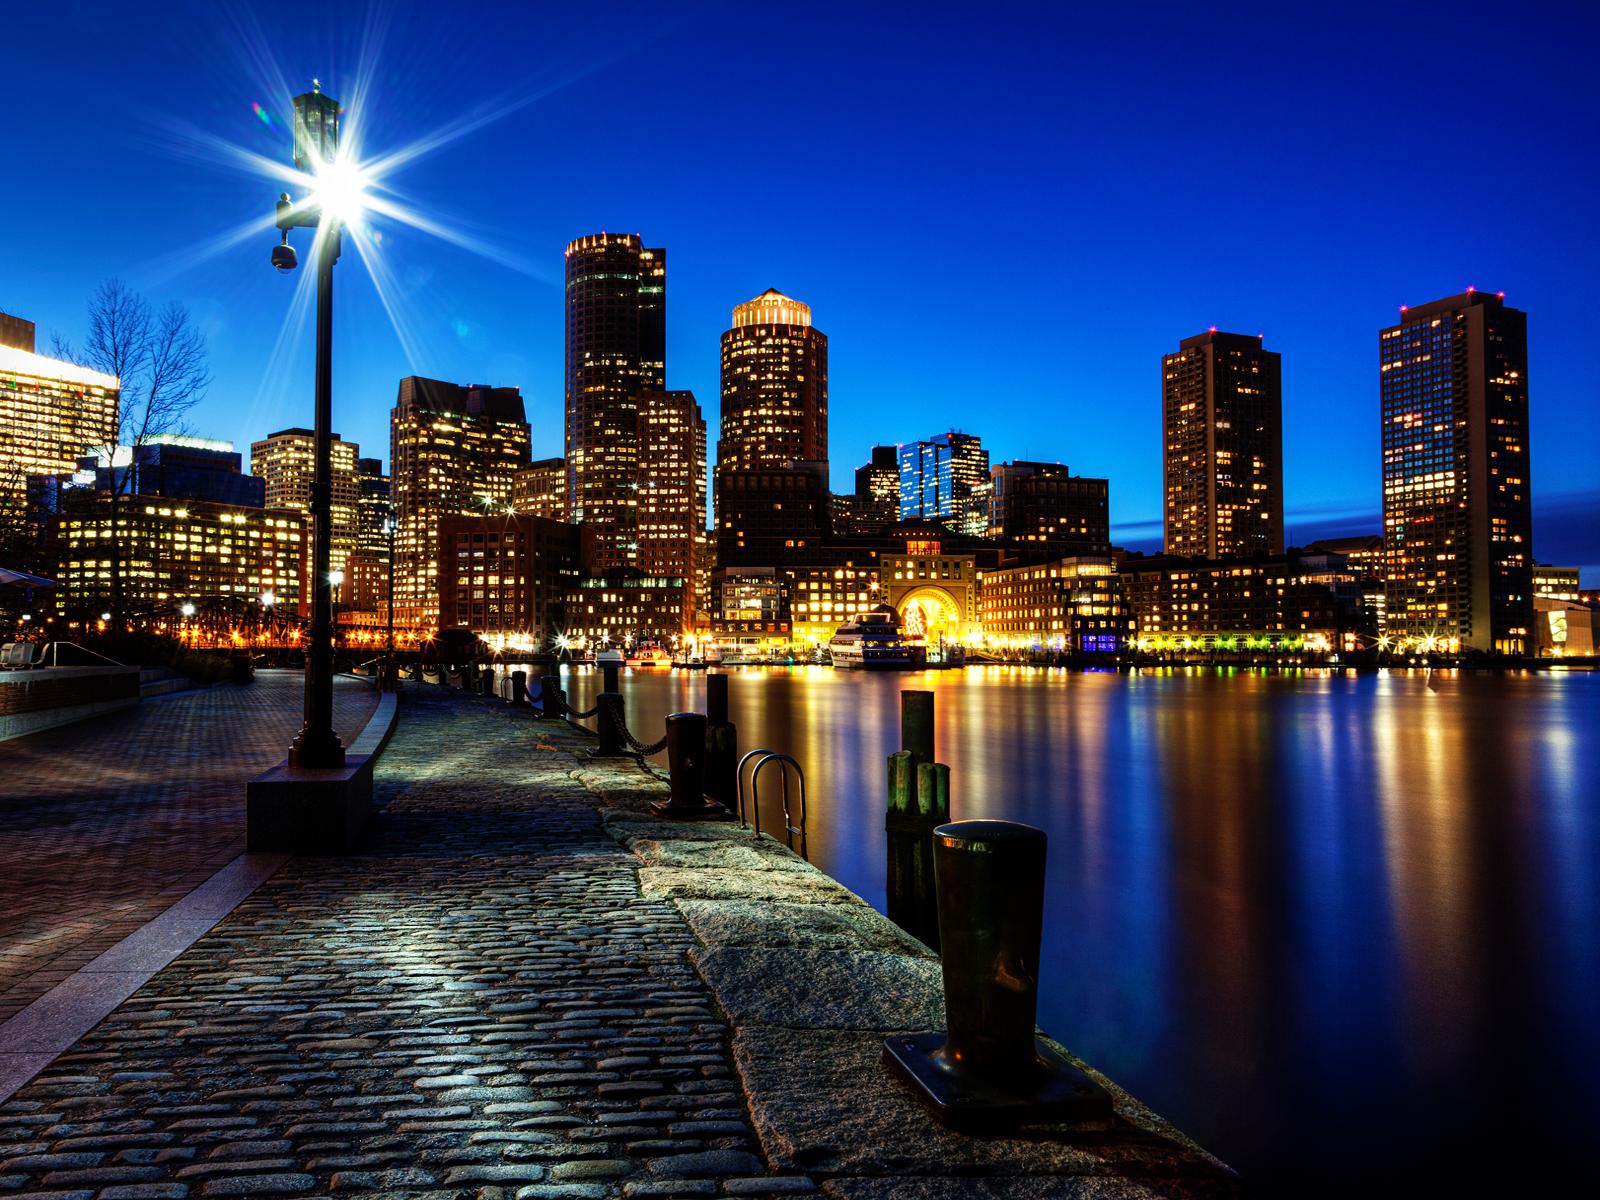 http://4.bp.blogspot.com/-gkG0e0sdap8/UQp5GtoUN0I/AAAAAAAAAUU/Gg4NEML0B08/s1600/BostonNightSkyline-long+goodbye.png